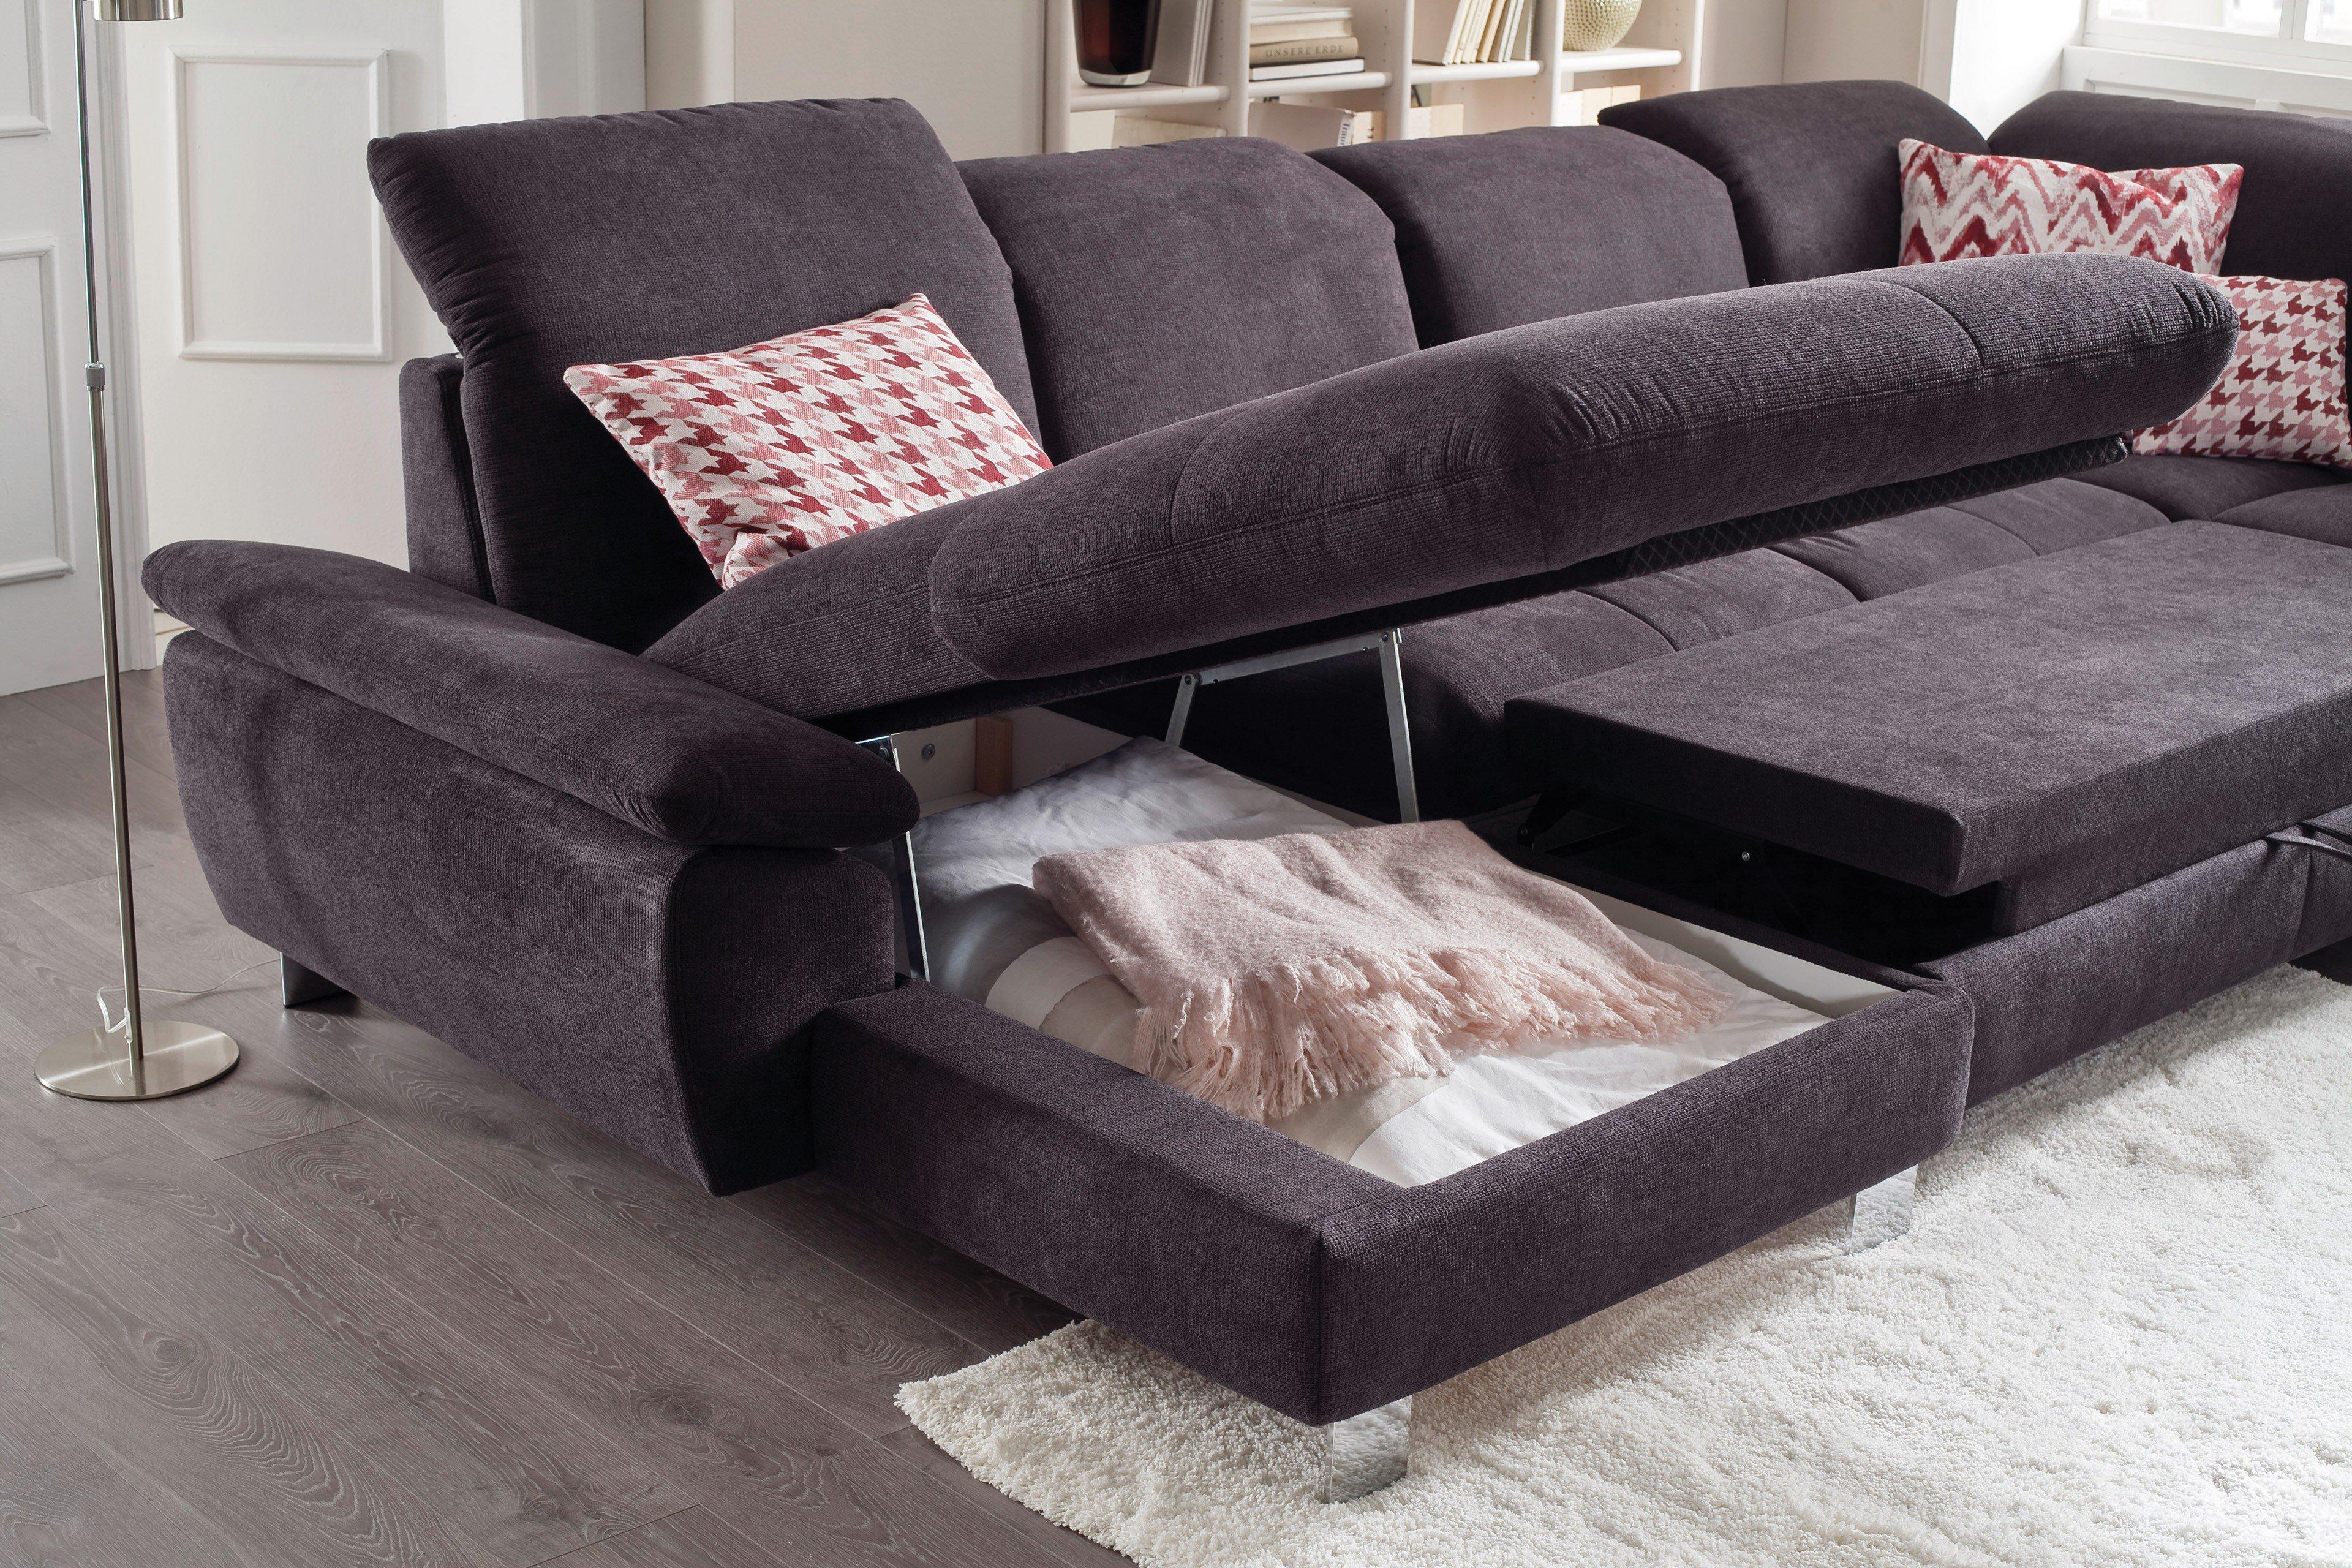 poco toronto wohnlandschaft schwarz m bel letz ihr online shop. Black Bedroom Furniture Sets. Home Design Ideas